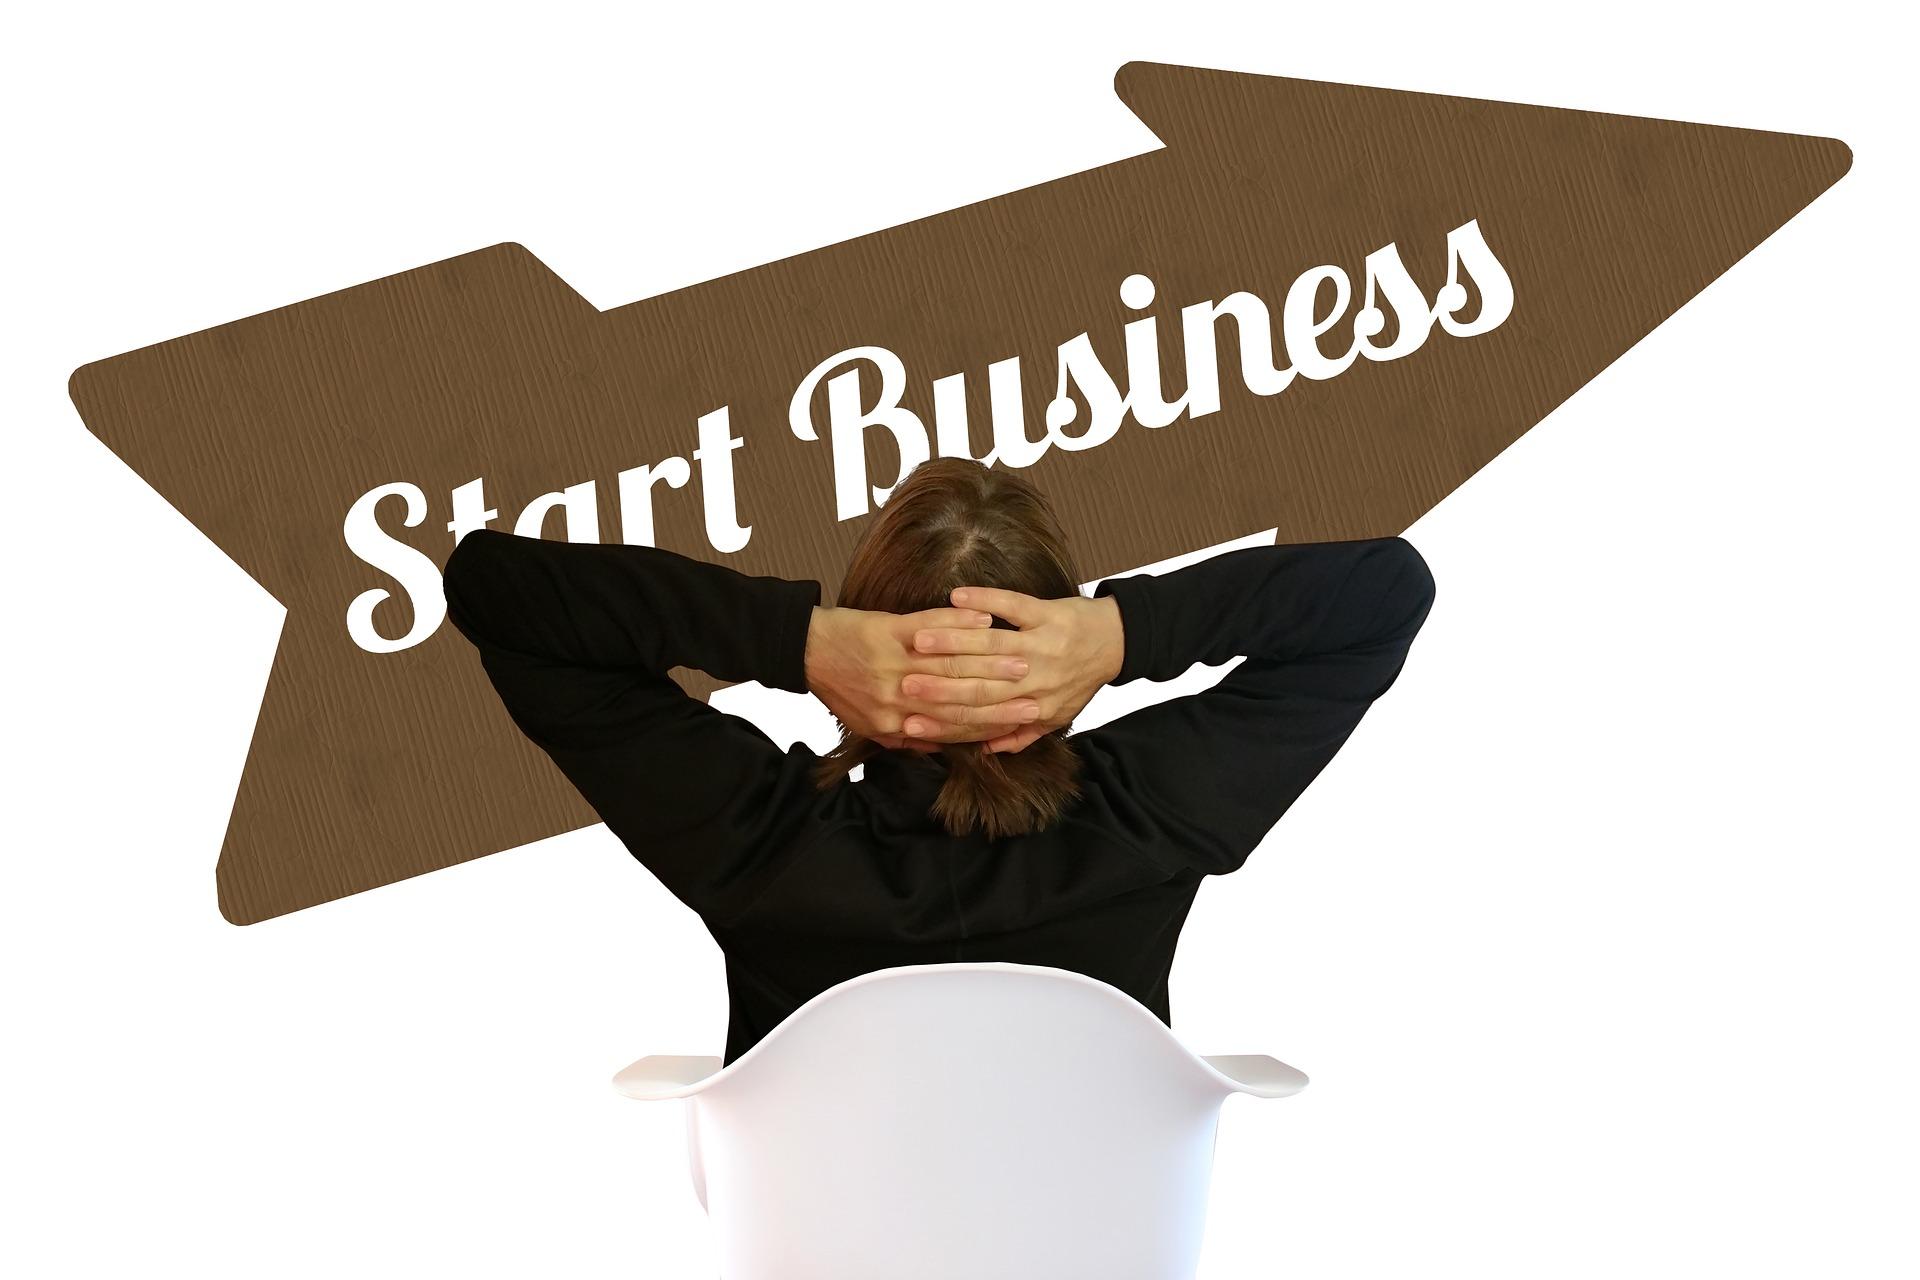 Startup Act : Un Dispositif Innovant Qui Profite Aux Jeunes Entreprises